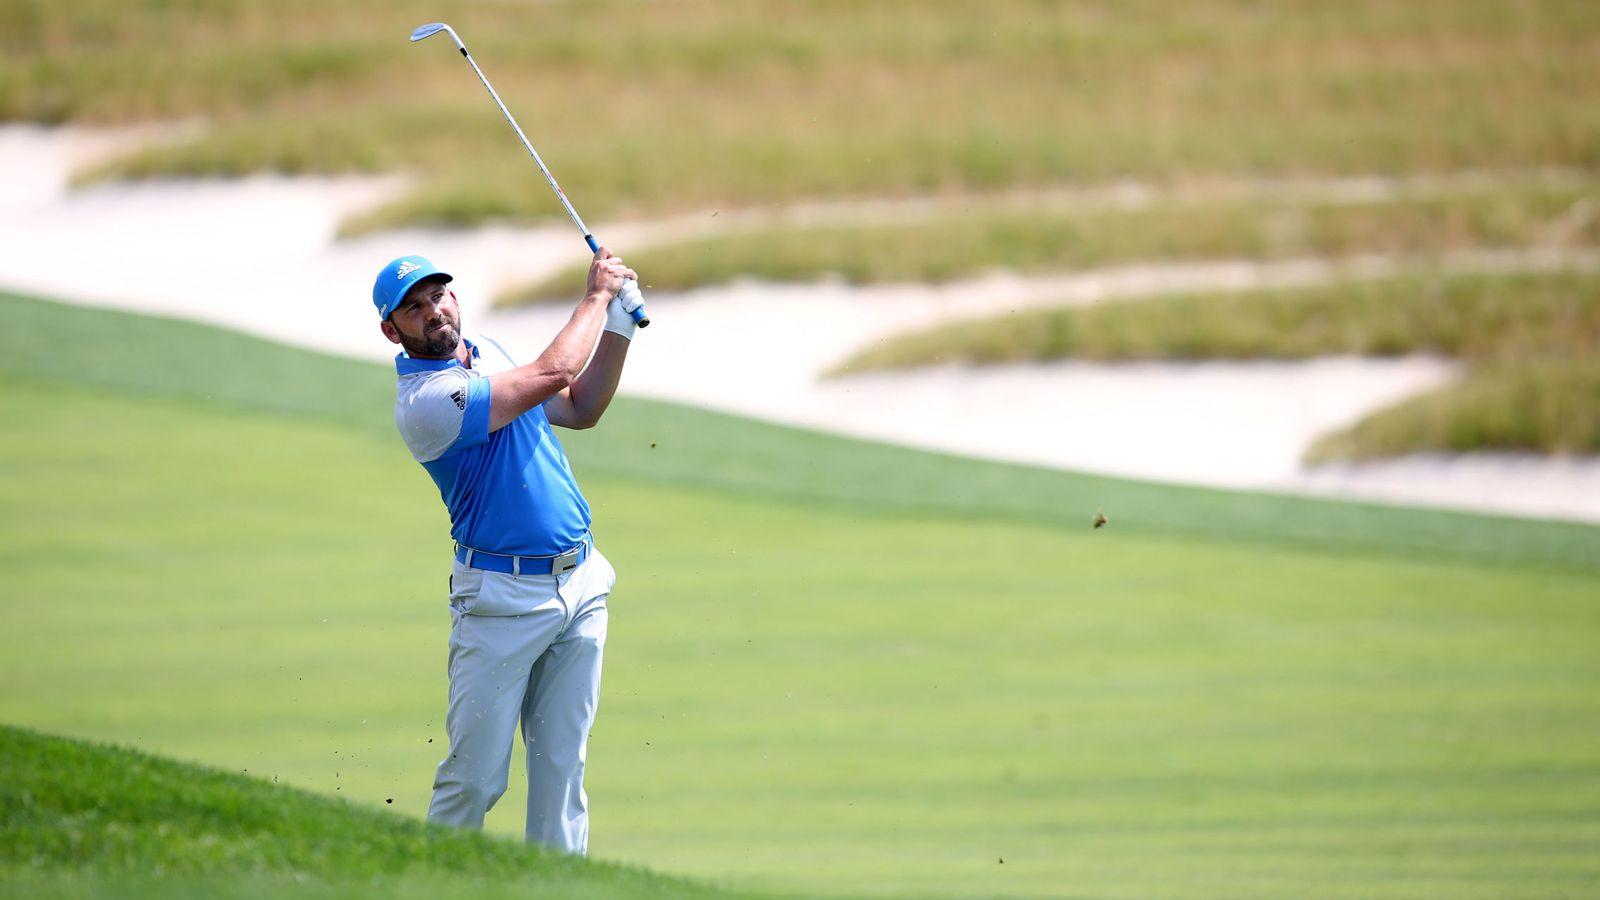 Foto: Sergio García en el U.S. Open. Foto: Charles LeClaire (USA Today)